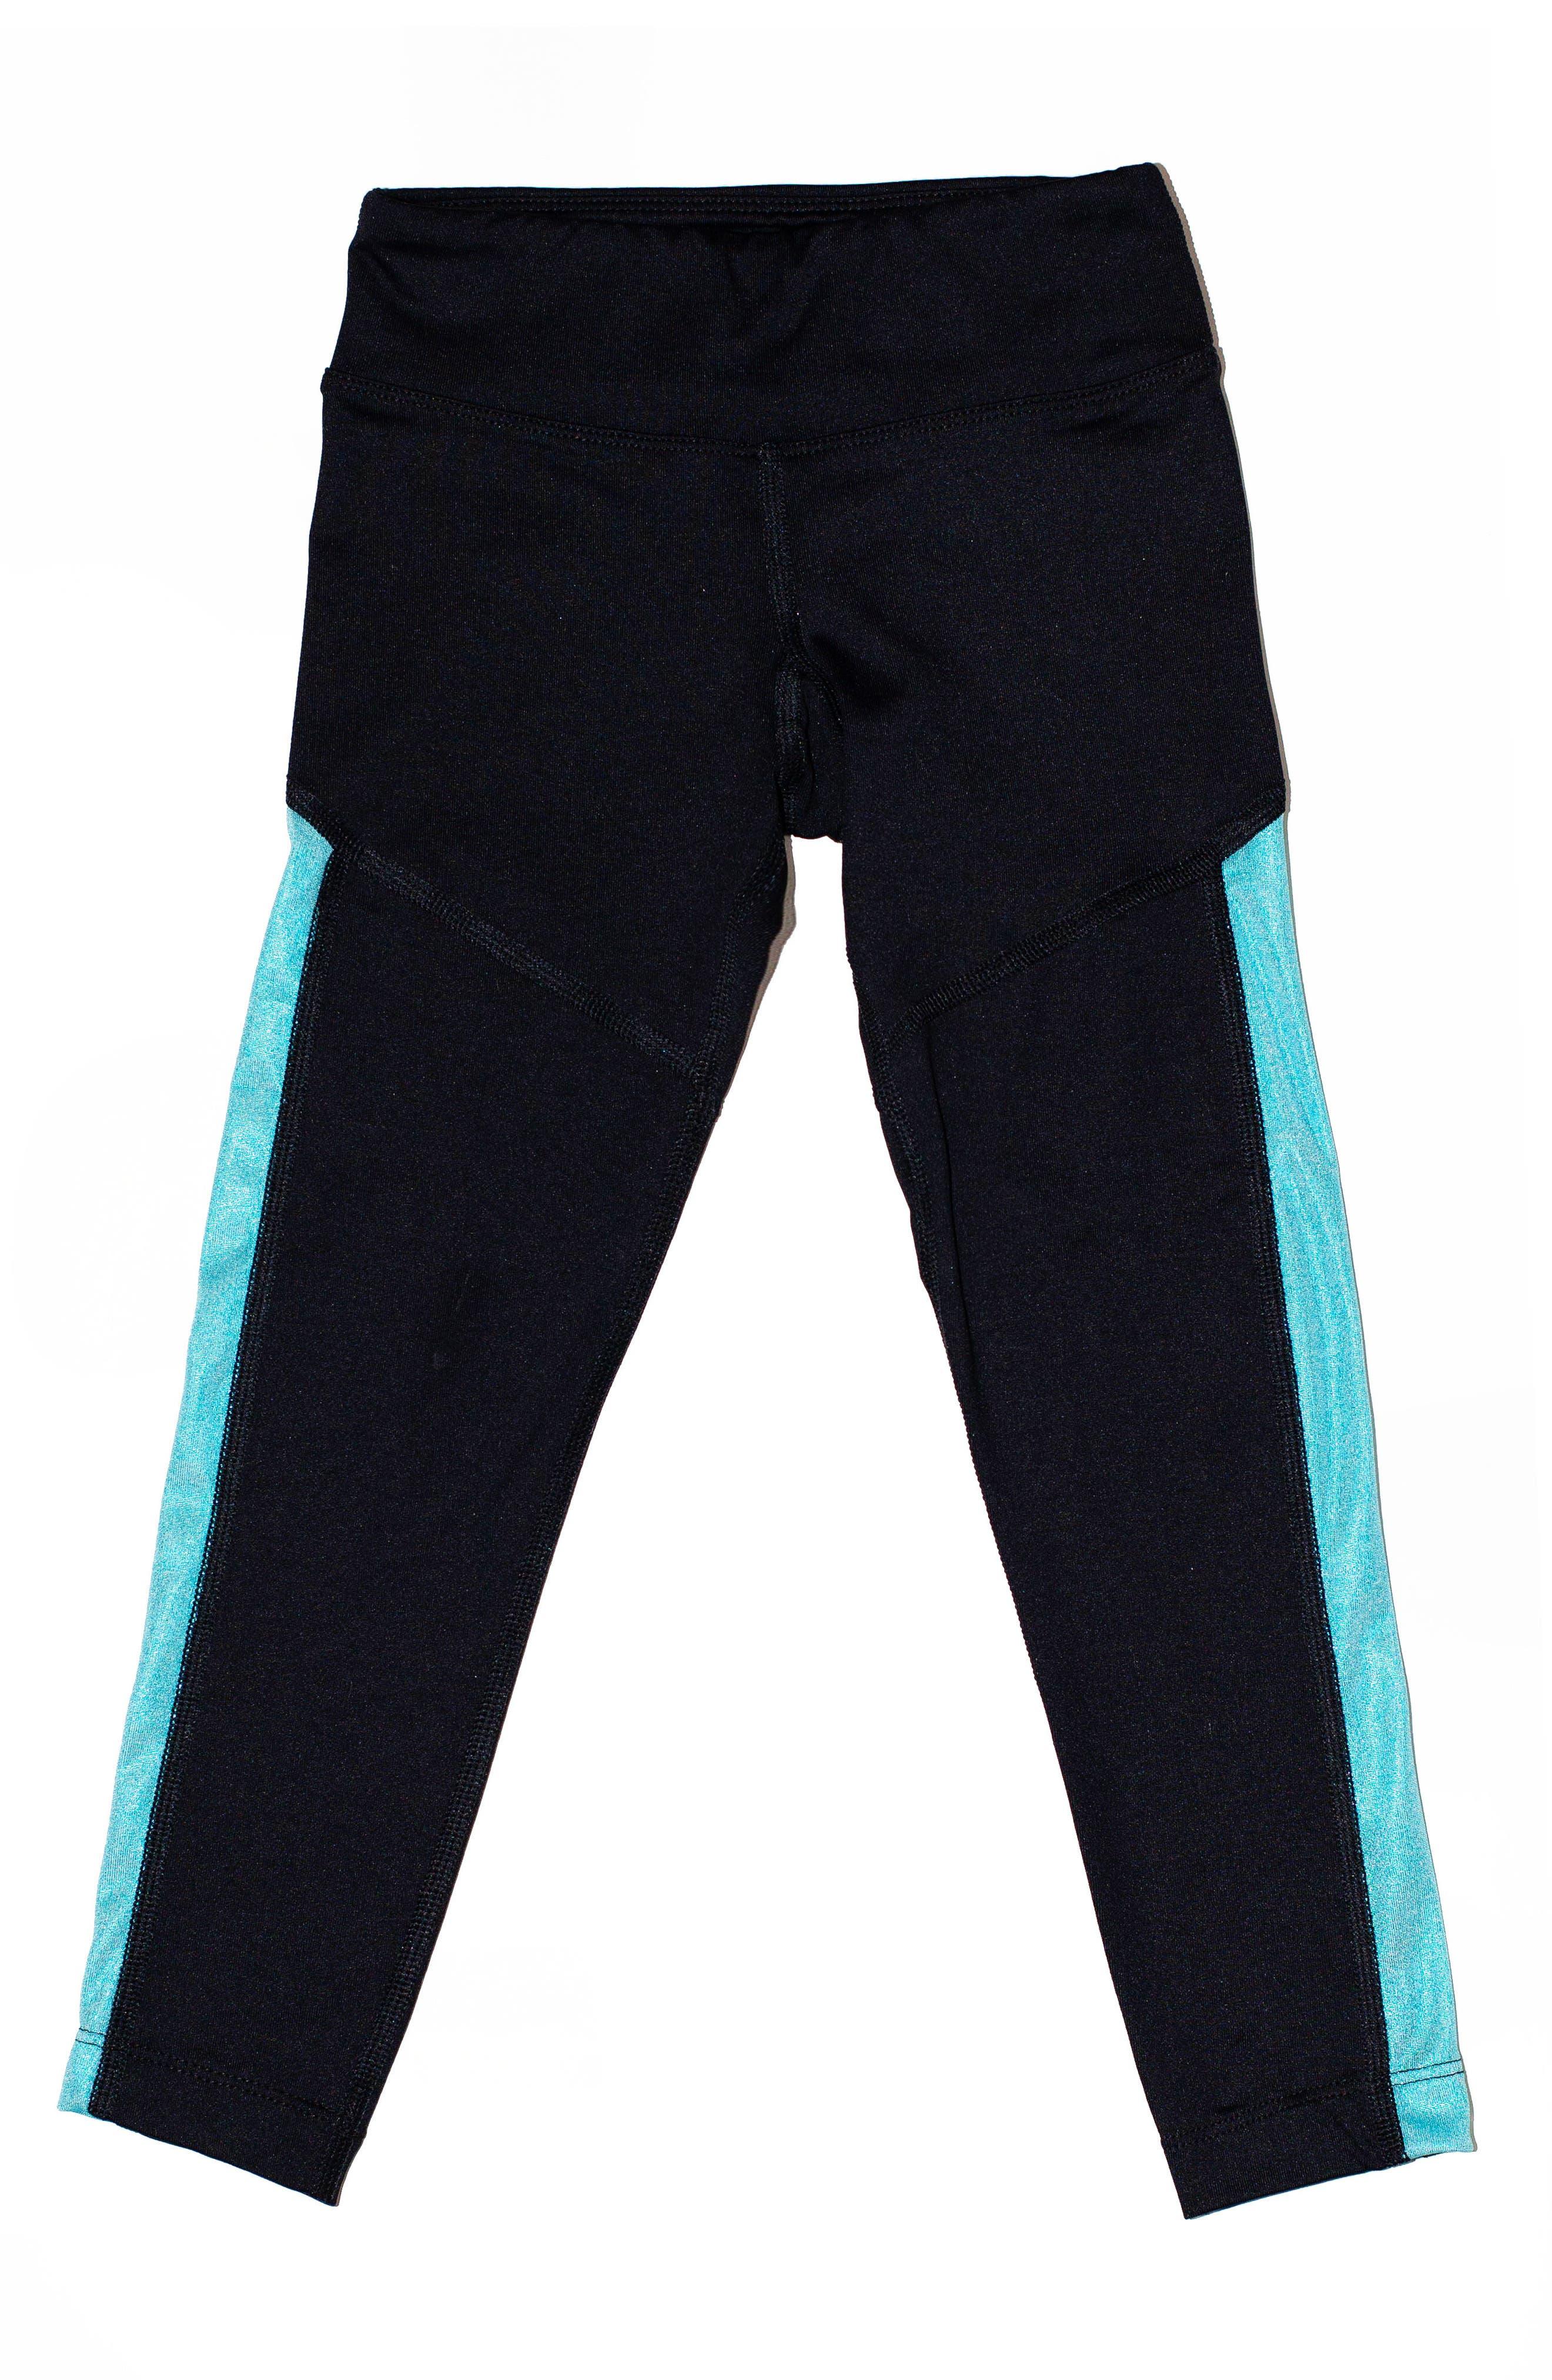 Zara Colorblock Leggings,                         Main,                         color, Metallic Teal